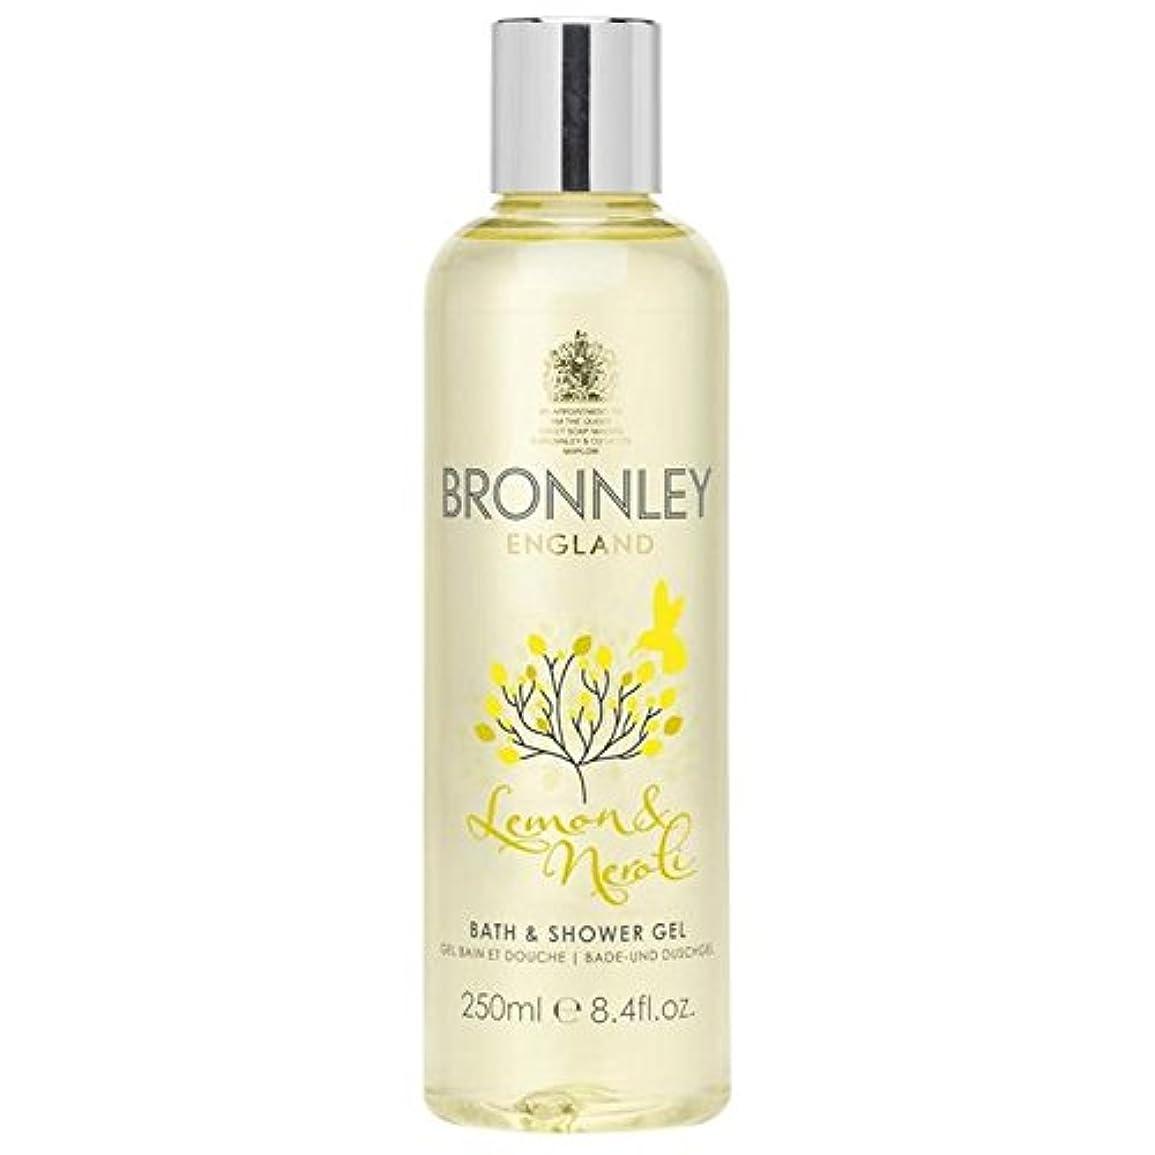 不格好ブラシそれぞれBronnley Lemon & Neroli Bath & Shower Gel 250ml - レモン&ネロリバス&シャワージェル250ミリリットル [並行輸入品]